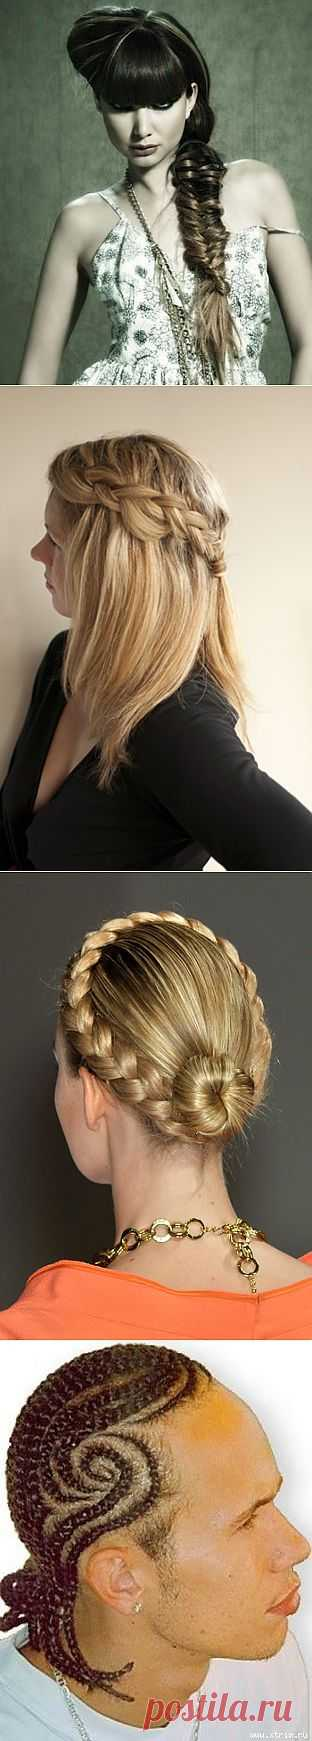 3 косы для девушки и... / Прически / Модный сайт о стильной переделке одежды и интерьера